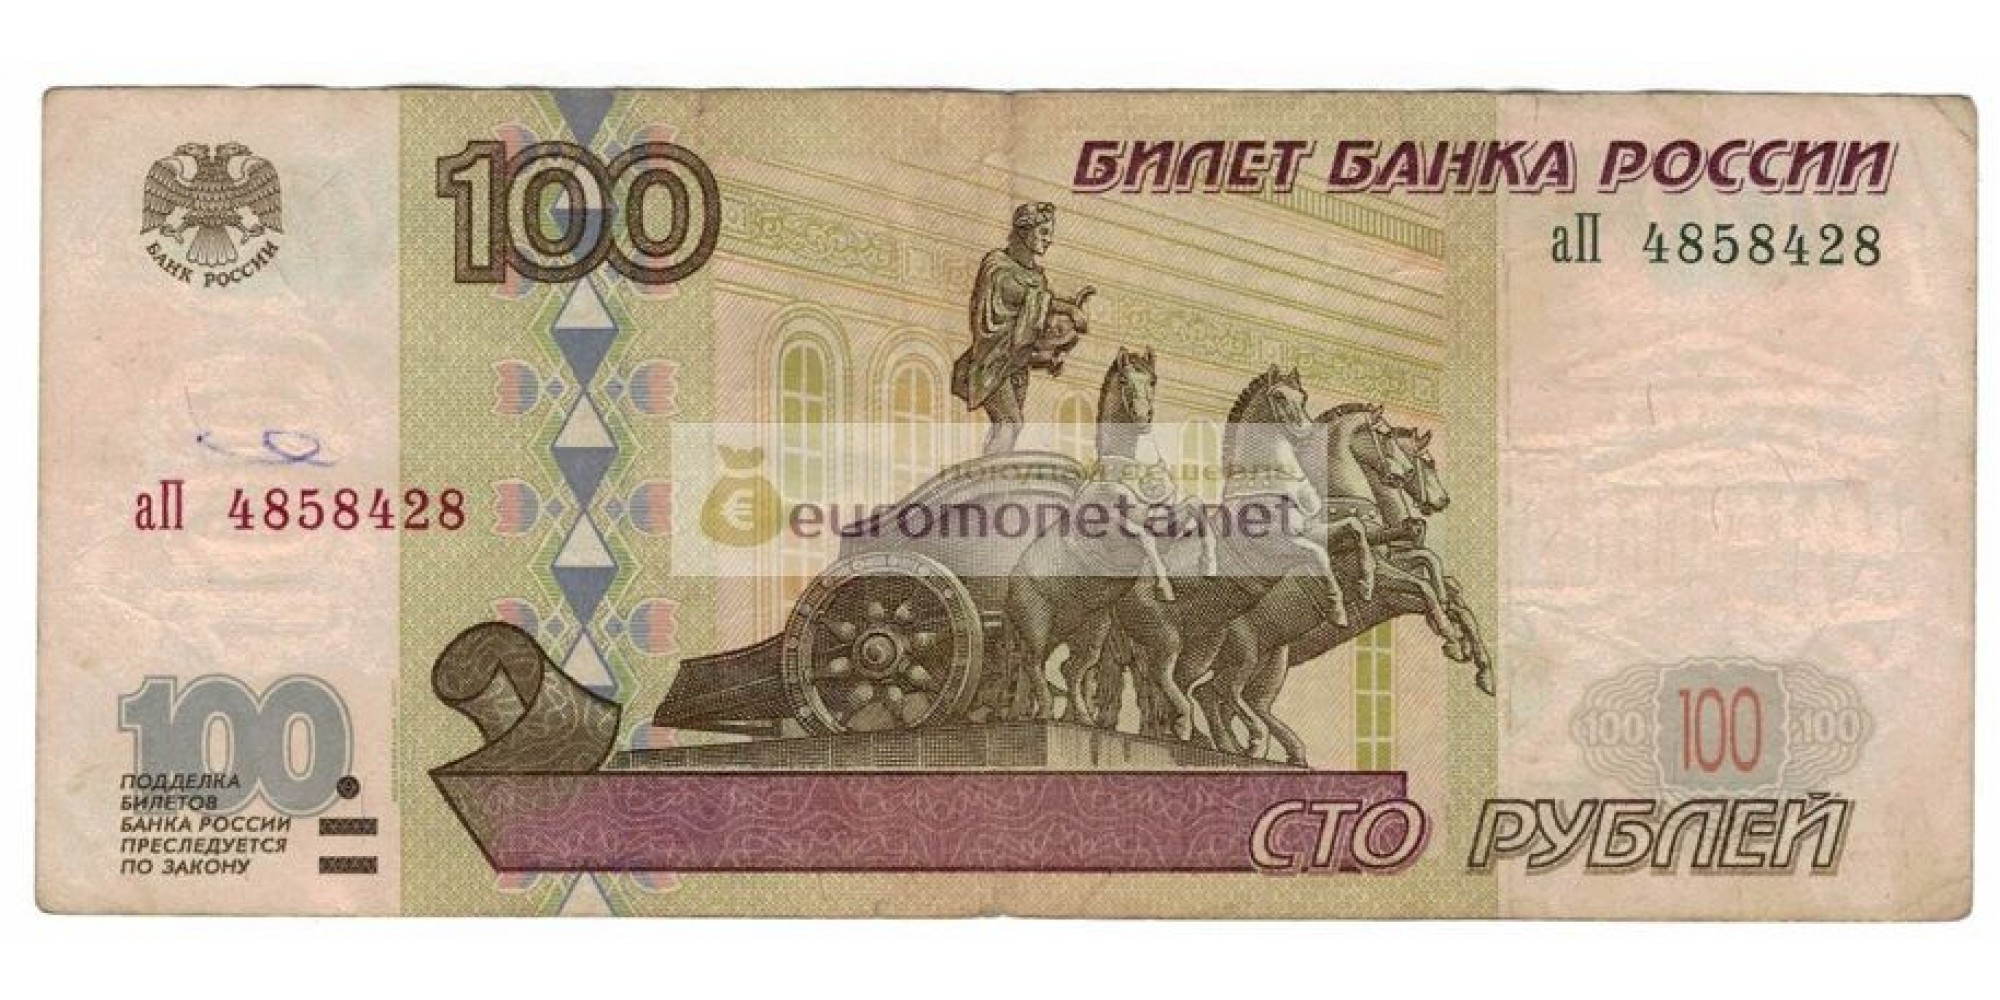 Россия 100 рублей 1997 год модификация 2001 год серия аП 4858428